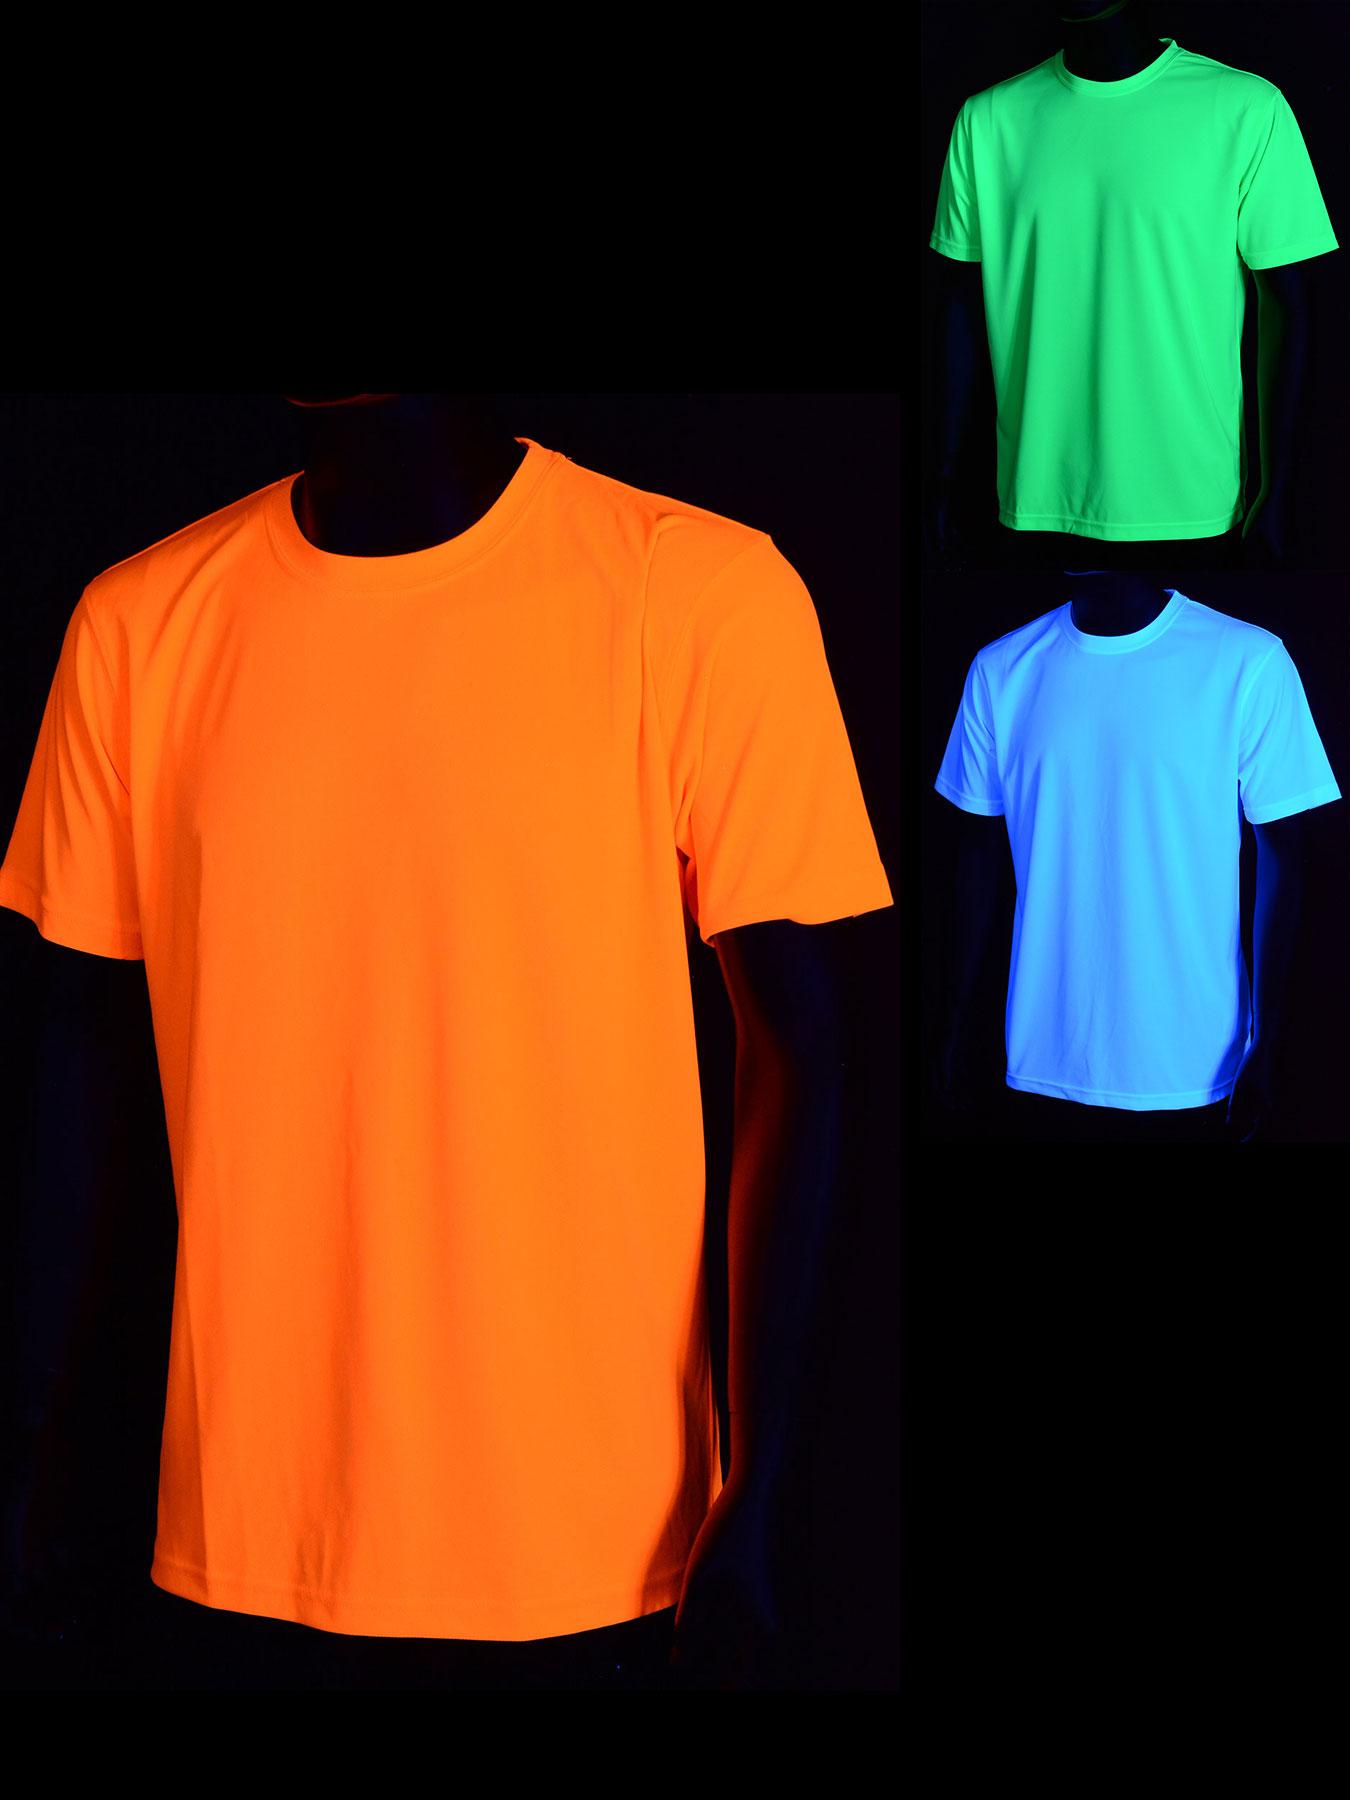 schwarzlicht t shirt f r herren sport neon. Black Bedroom Furniture Sets. Home Design Ideas